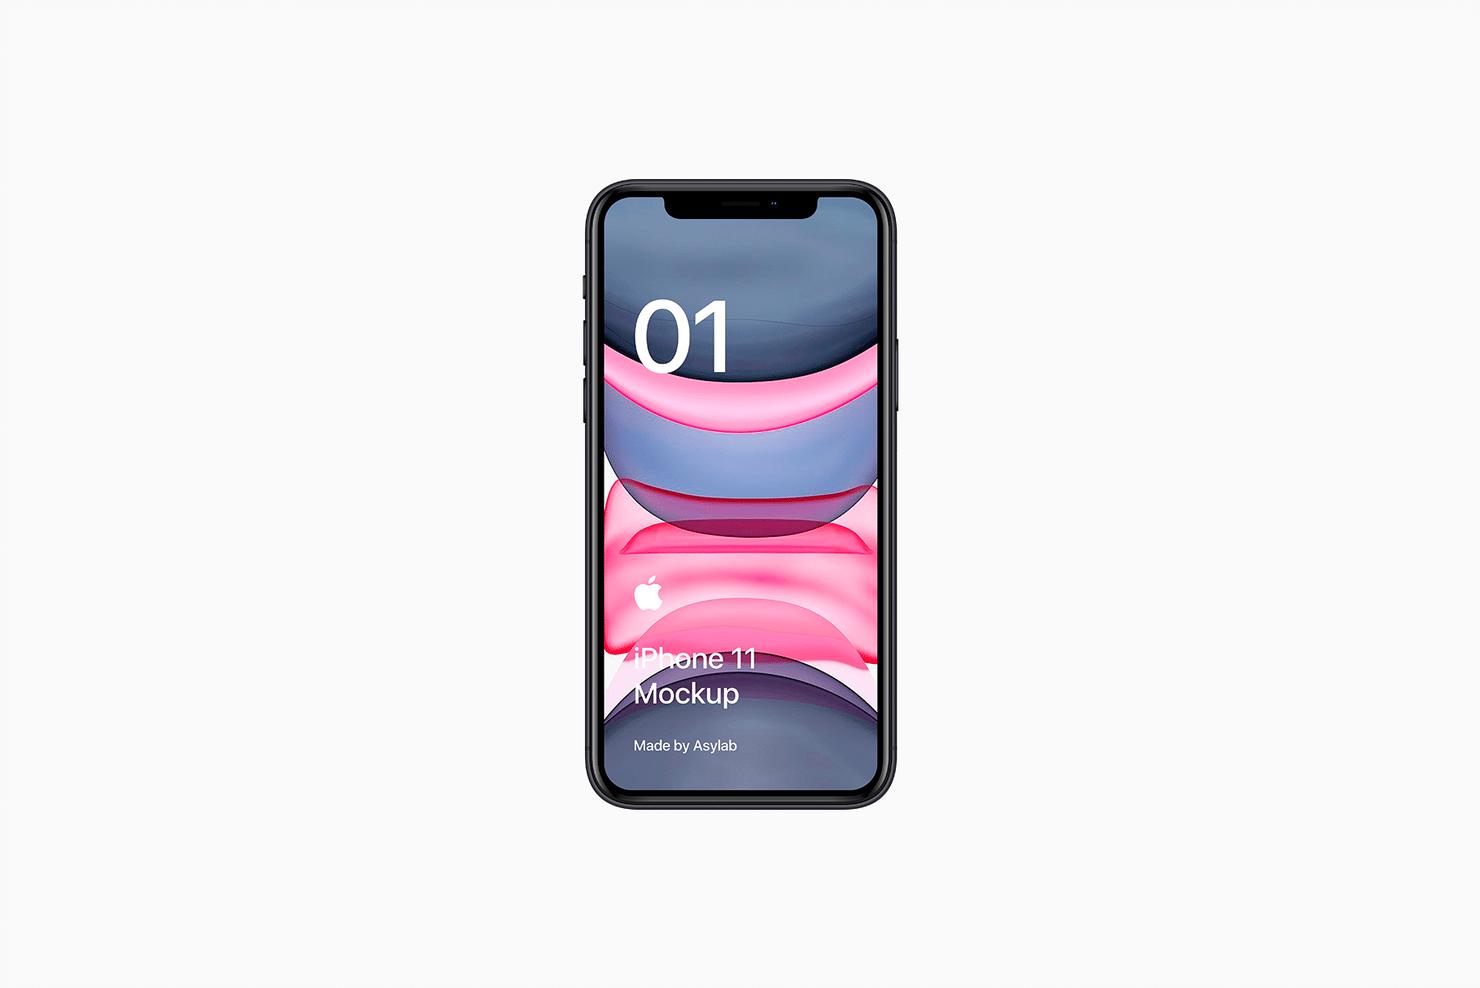 全新iPhone 11手机屏幕界面演示样机PSD模板 iPhone 11 Mockup PSD插图(4)